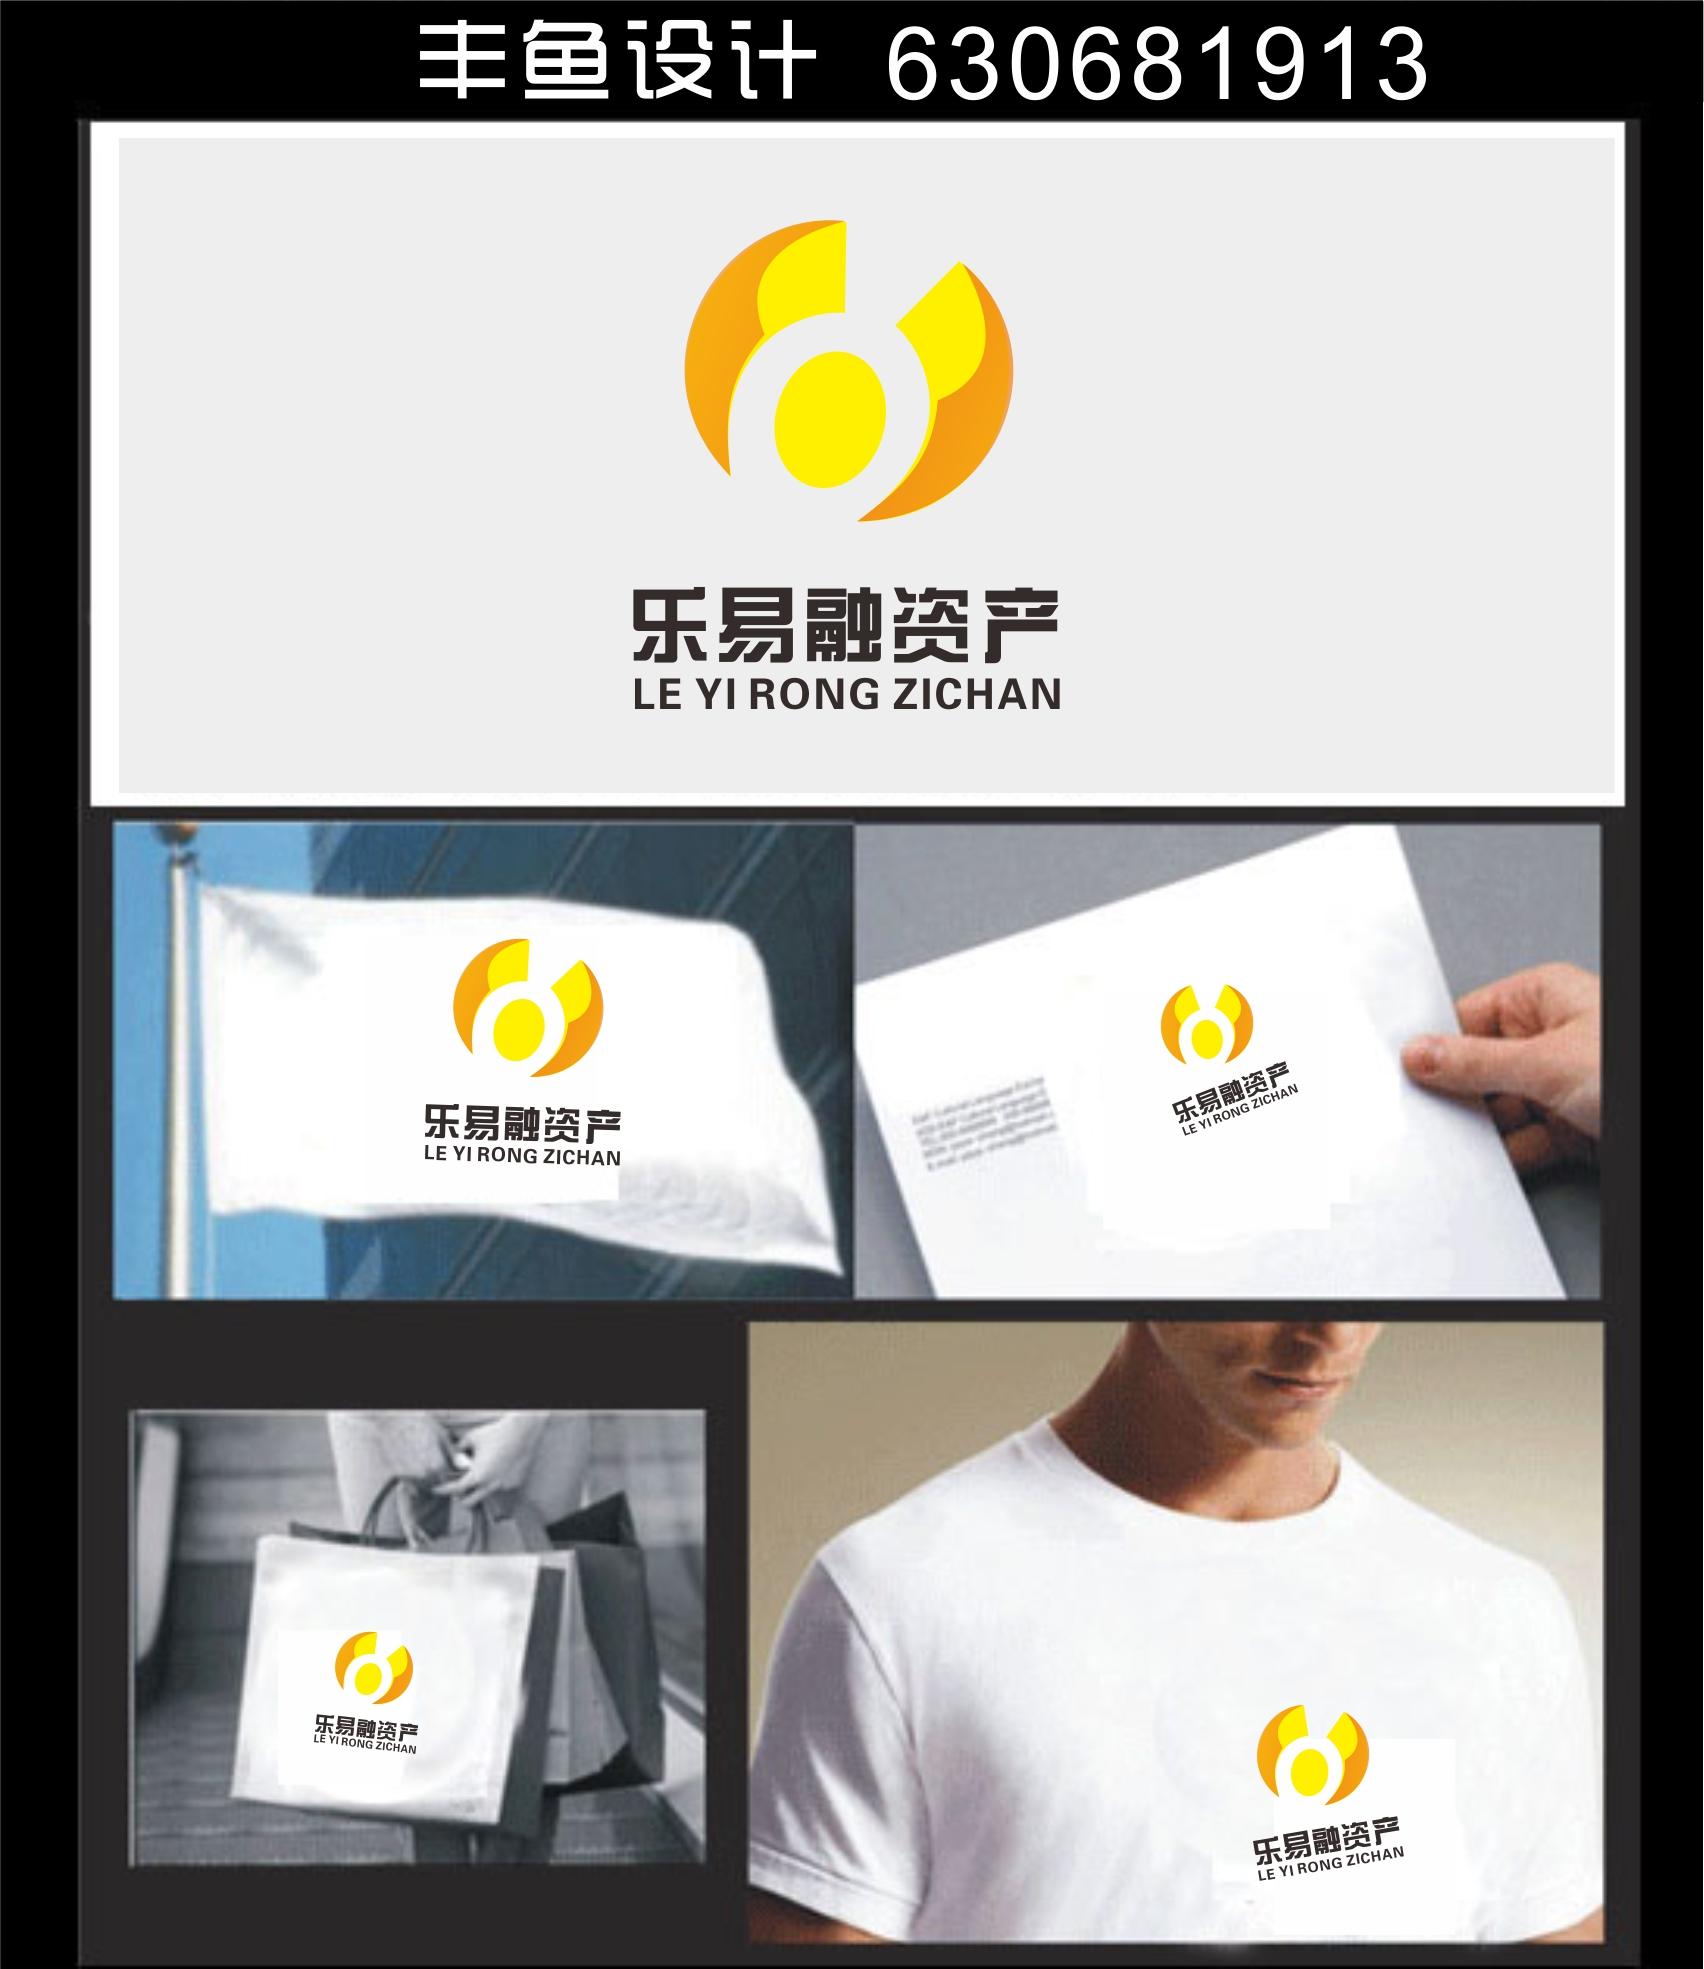 金融公司logo设计_logo设计_商标/vi设计_一品威客网